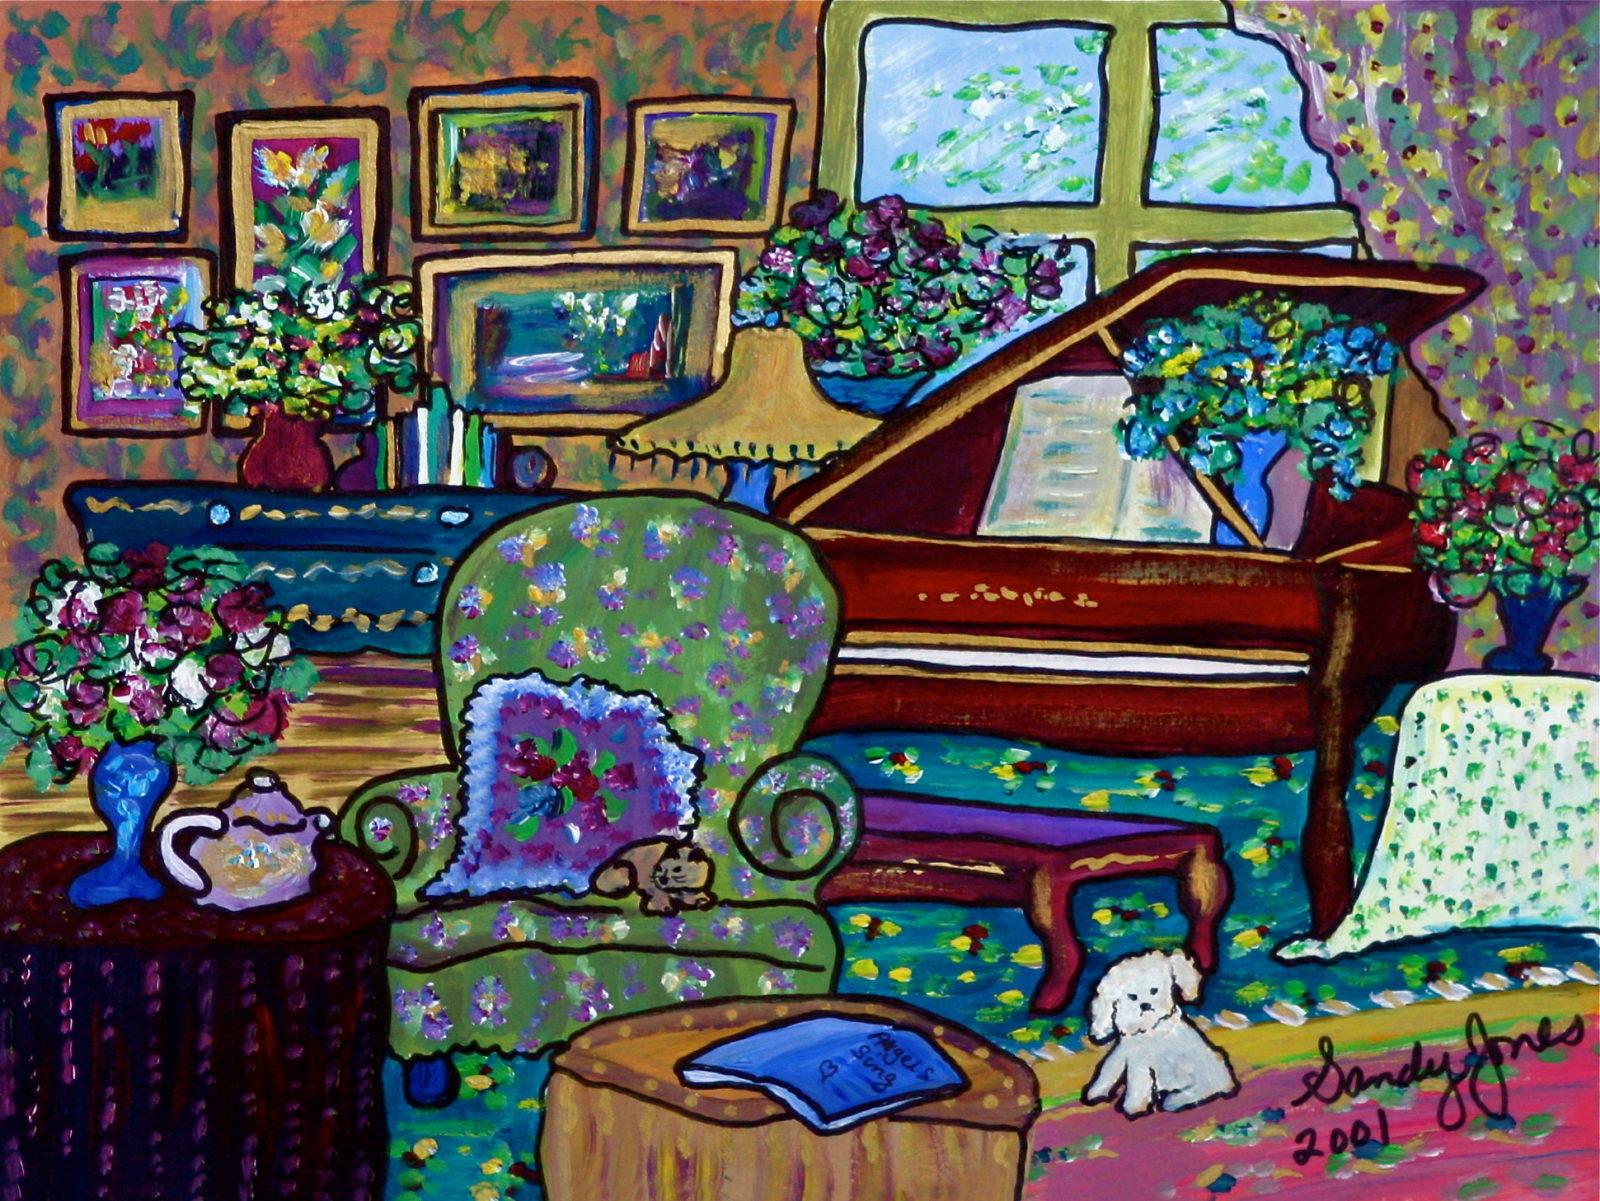 Piano -painting by Sandy Jones - Ojai California